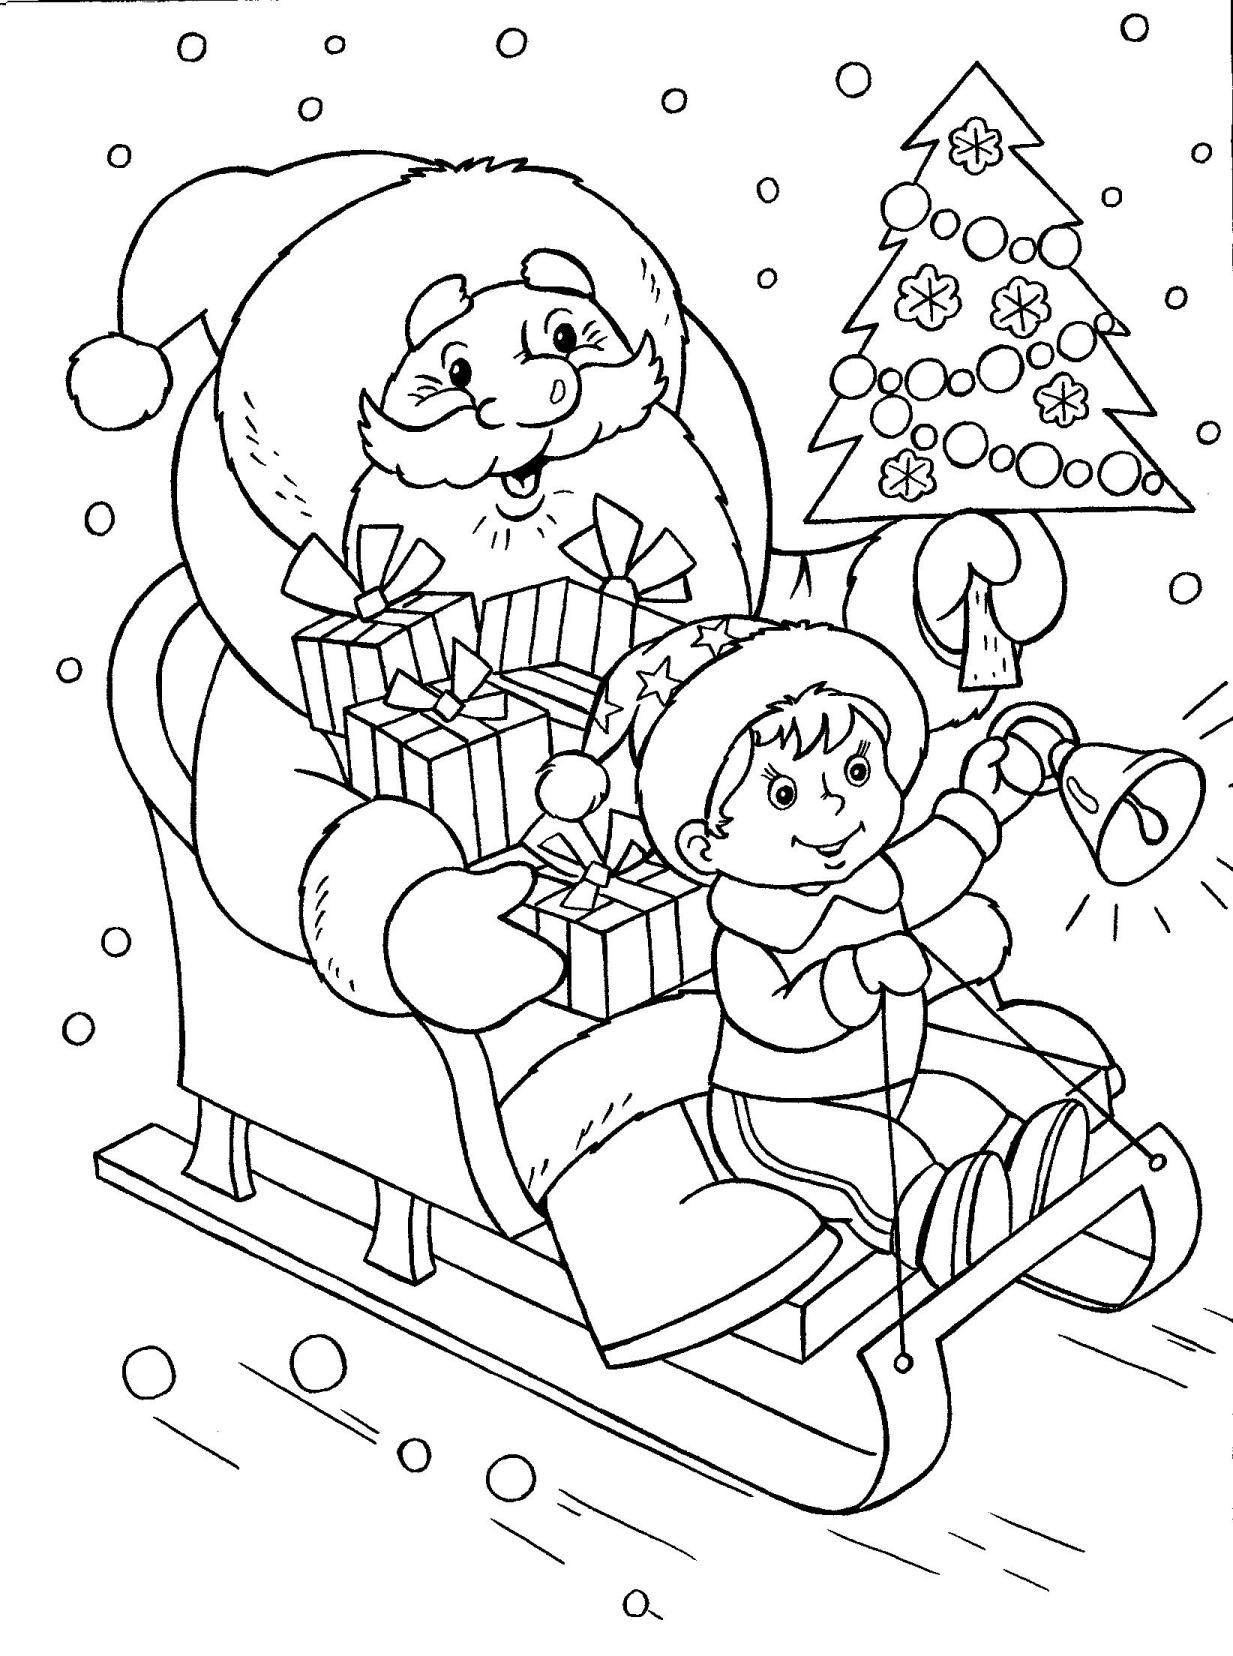 Раскраска Новый год | Раскраски, Рождественские раскраски ...